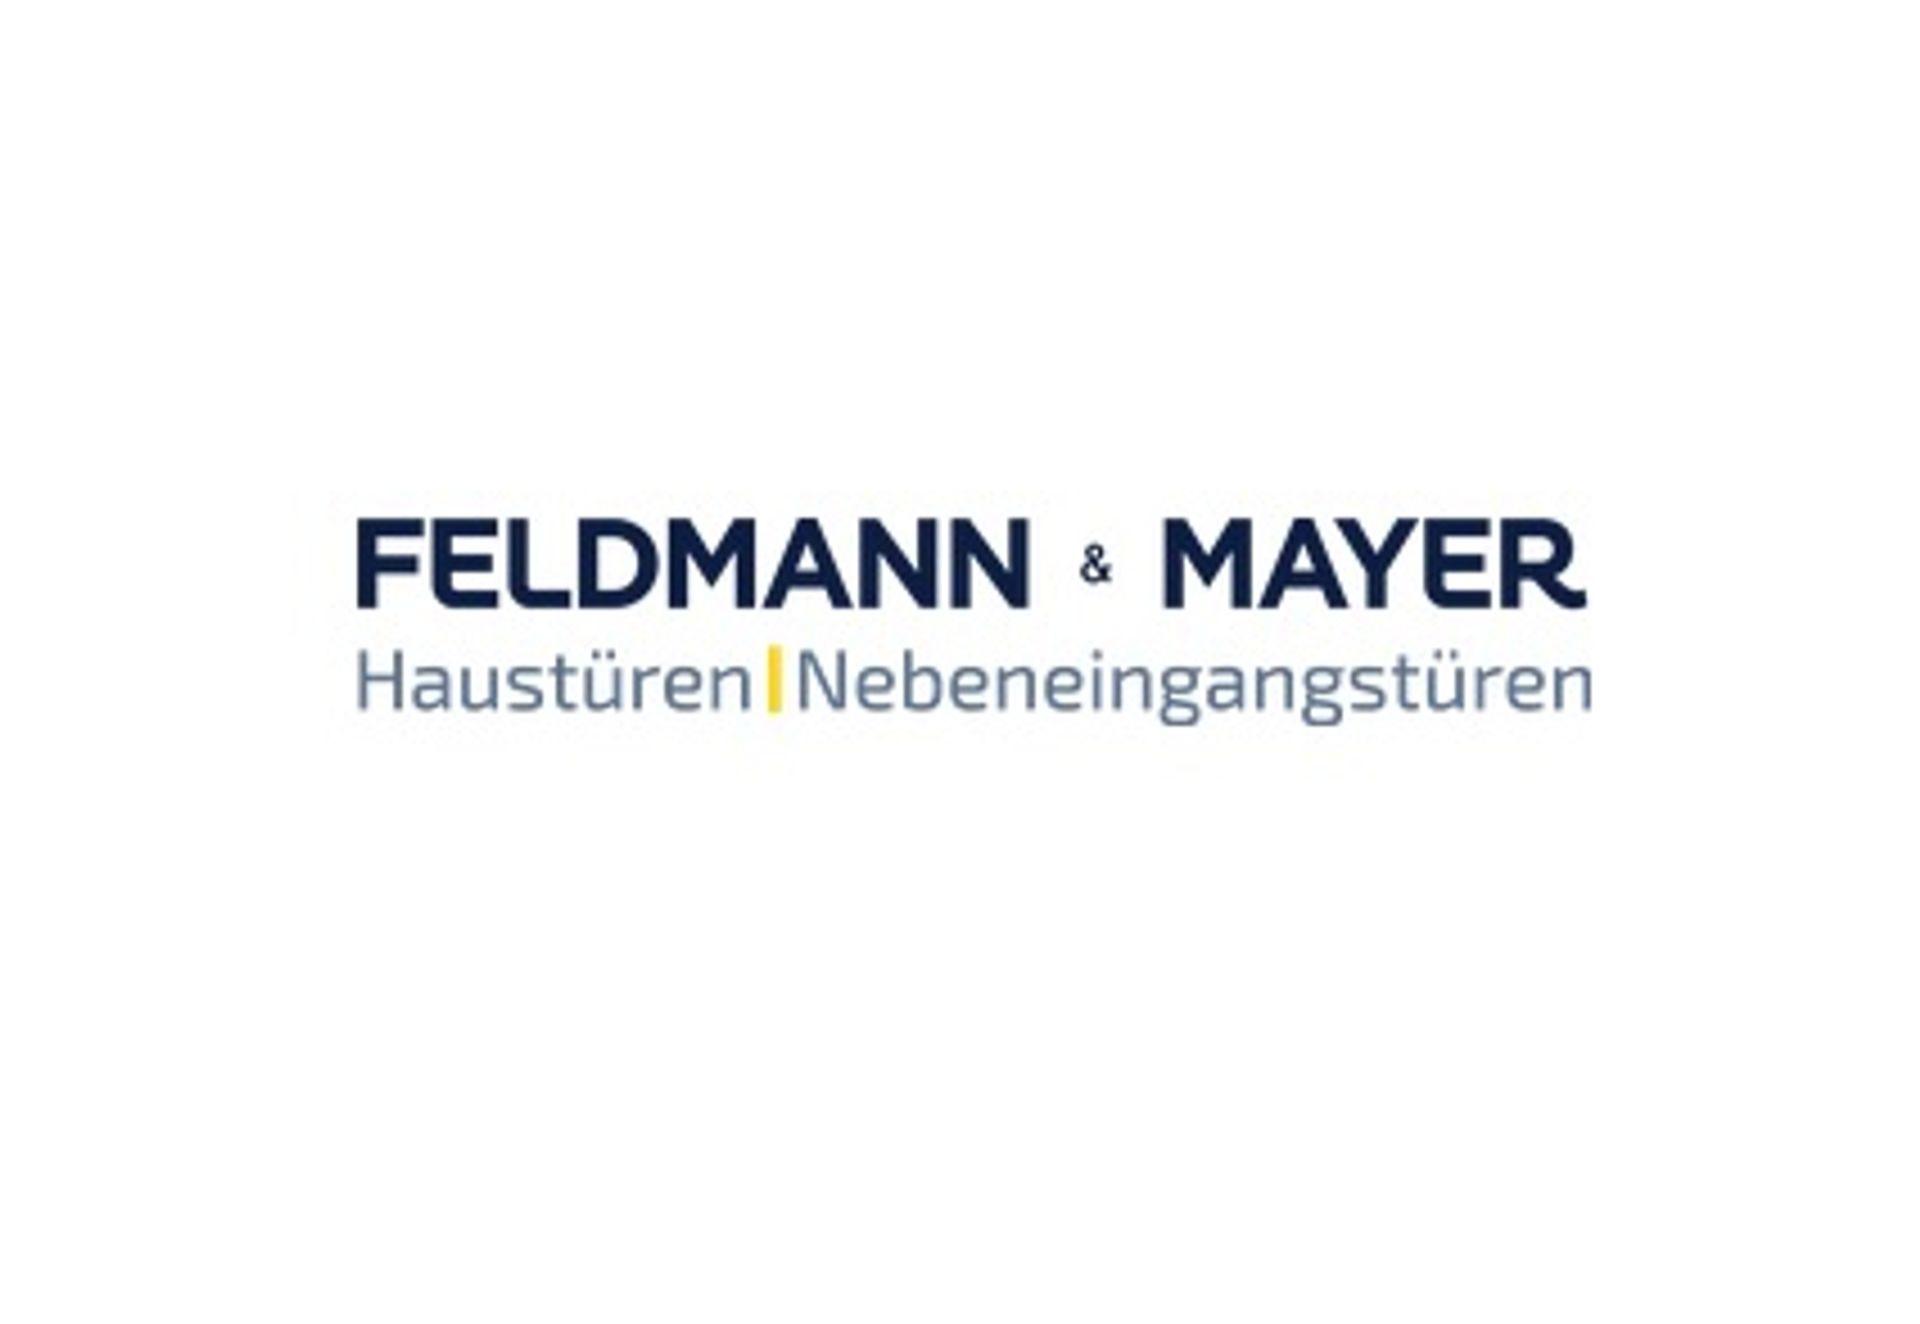 Feldmann & Mayer – Lagerverkauf